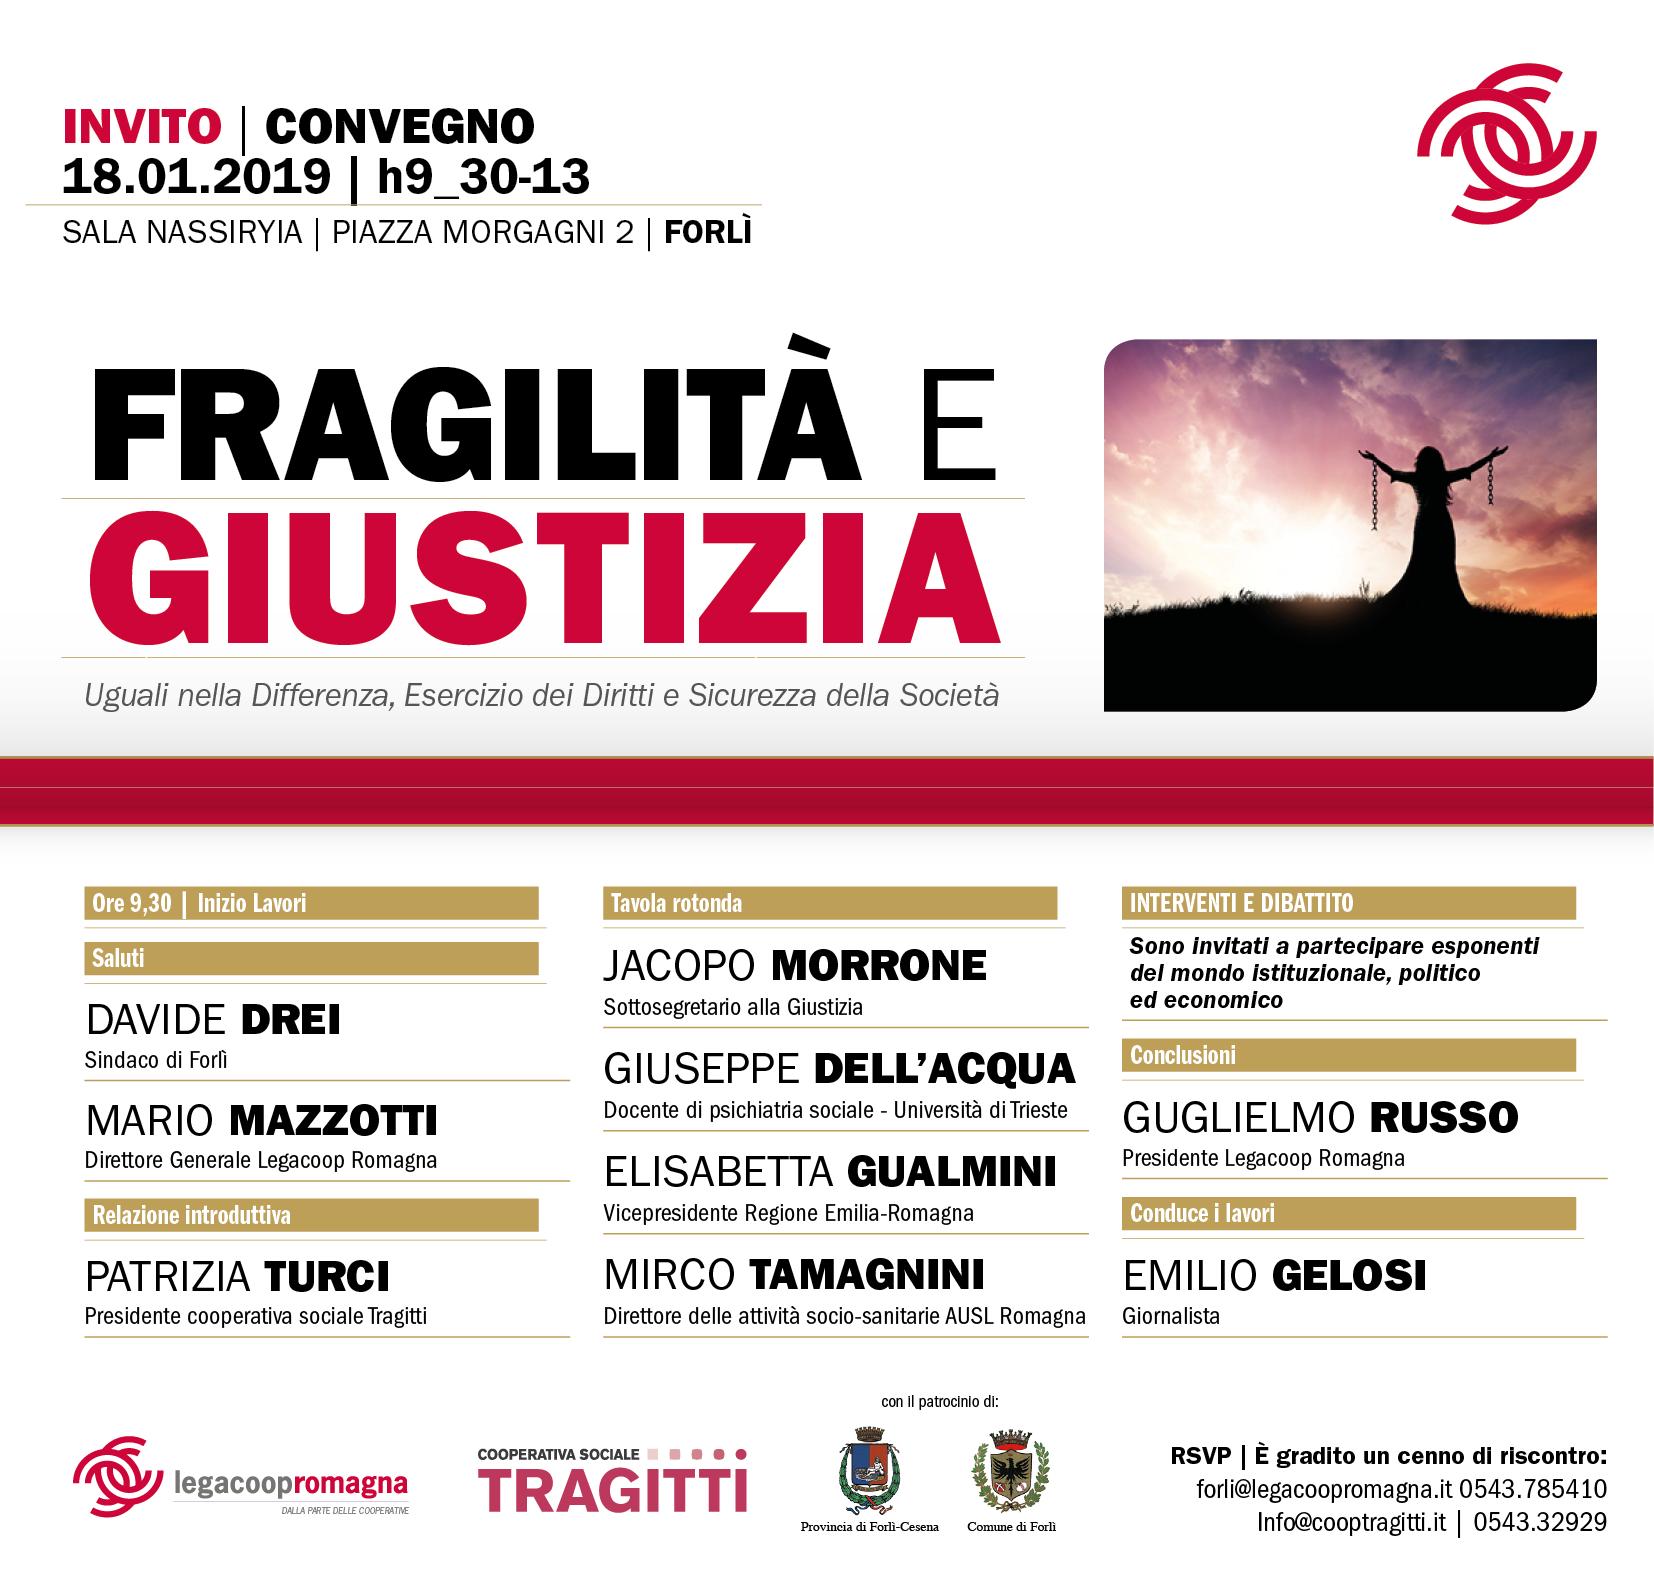 Fragilità e Giustizia, venerdì 18 gennaio convegno a Forlì